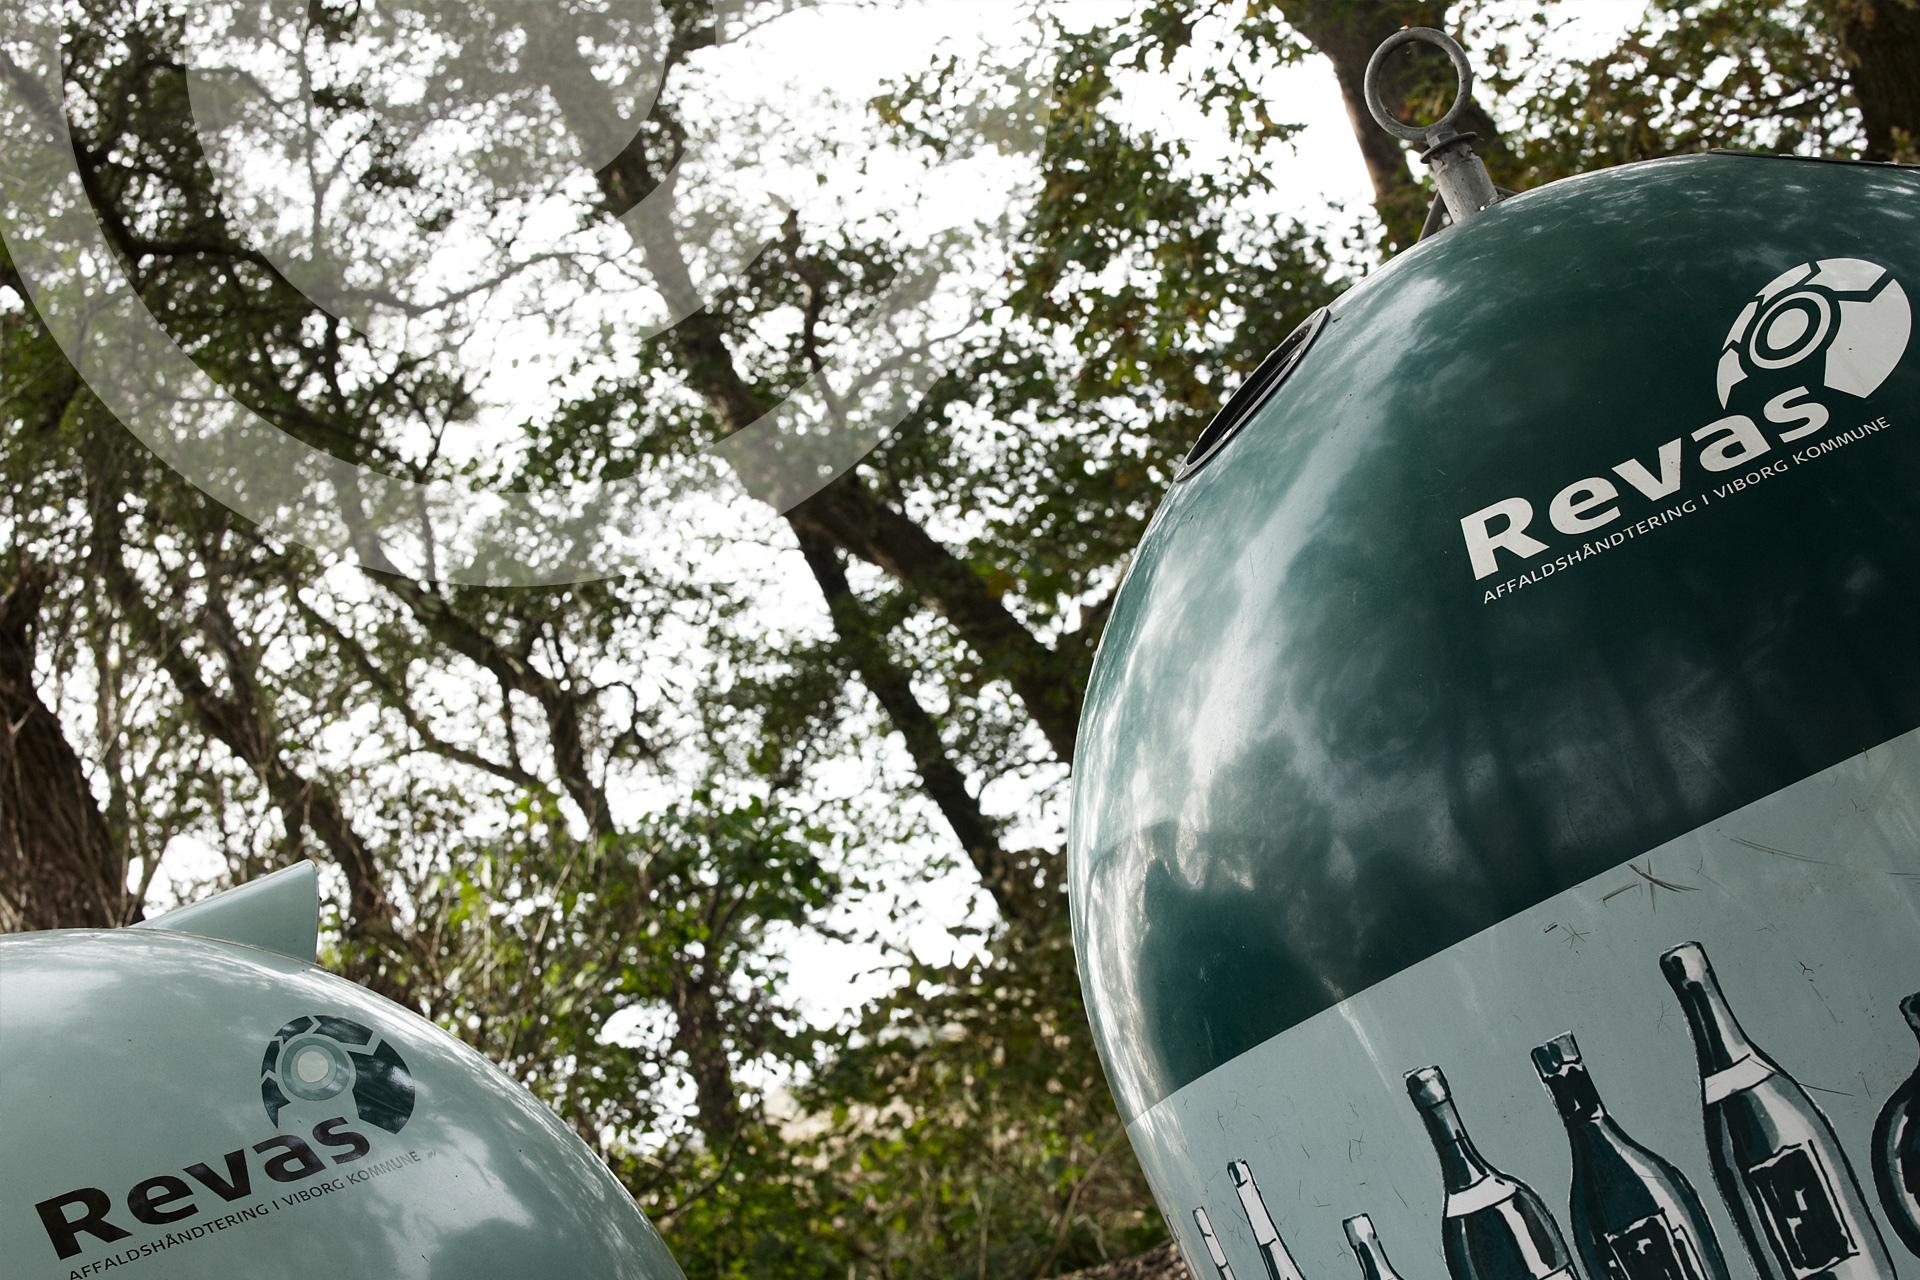 Bobler fjernes i Karupområdet - Revas